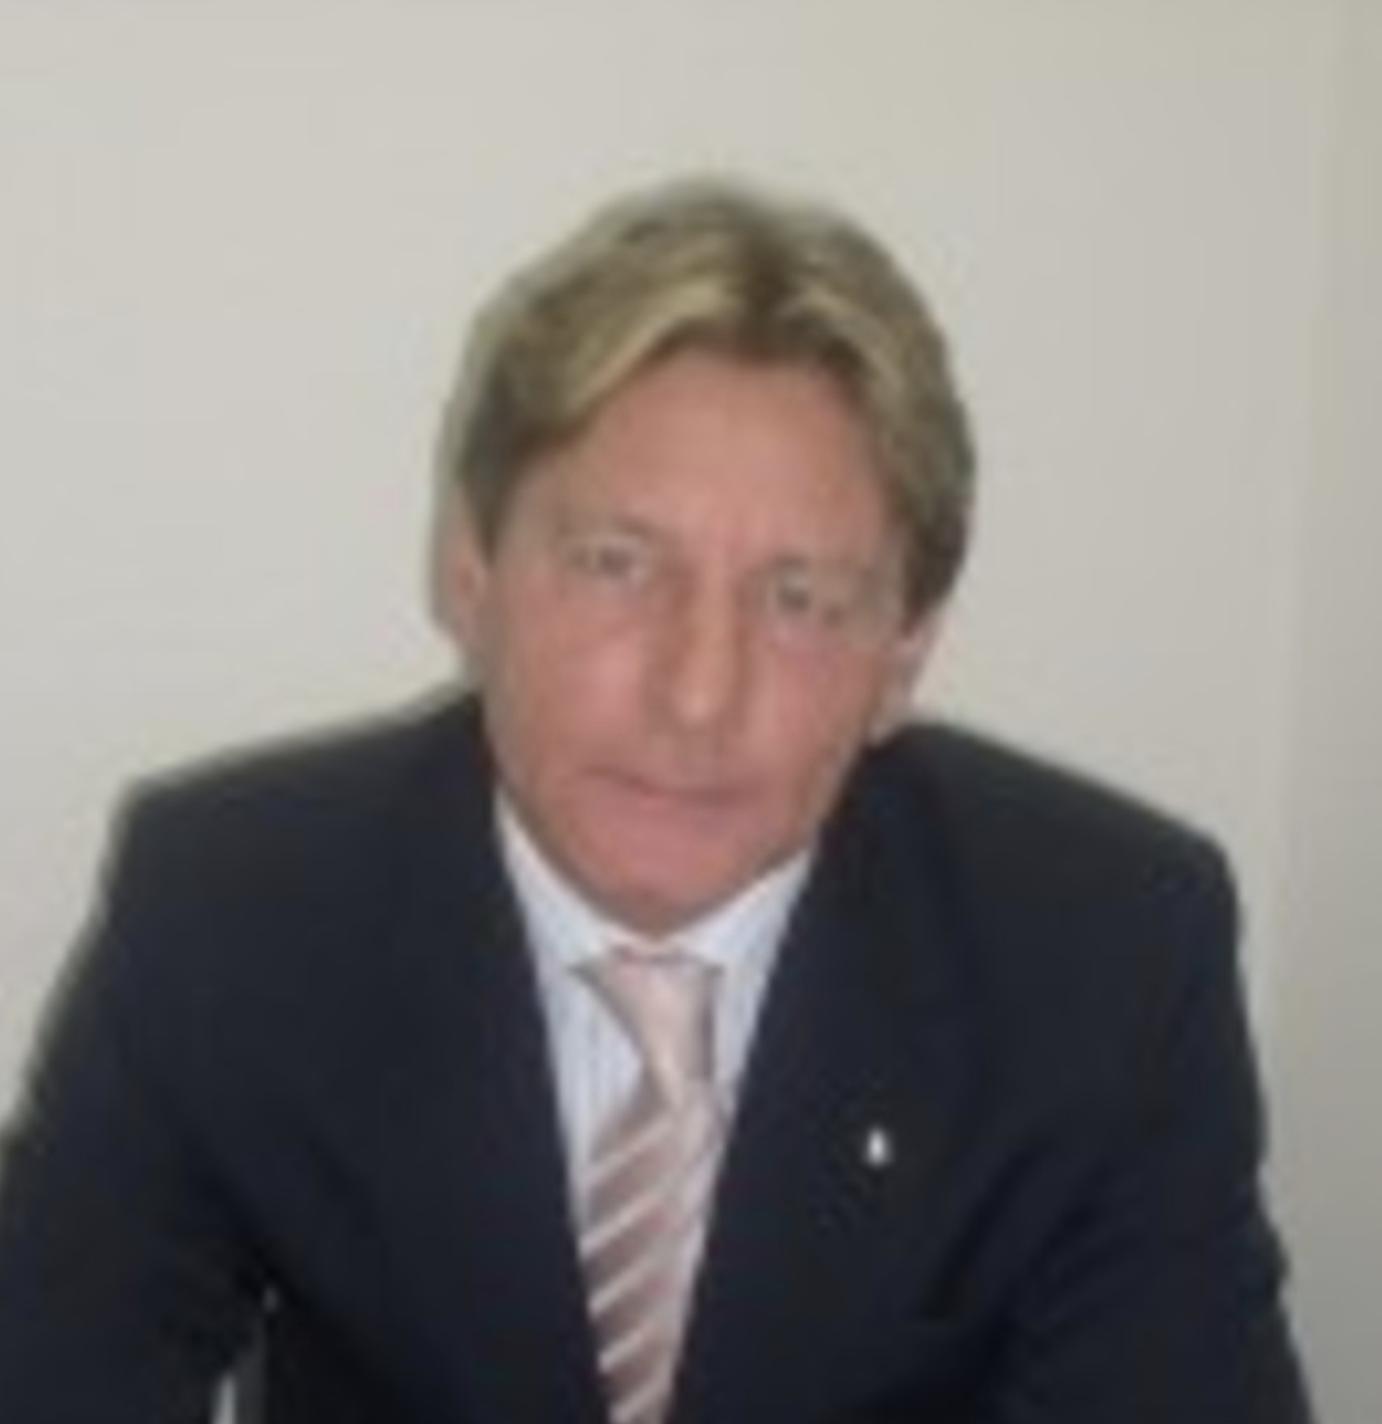 Jochem Falkenhorst